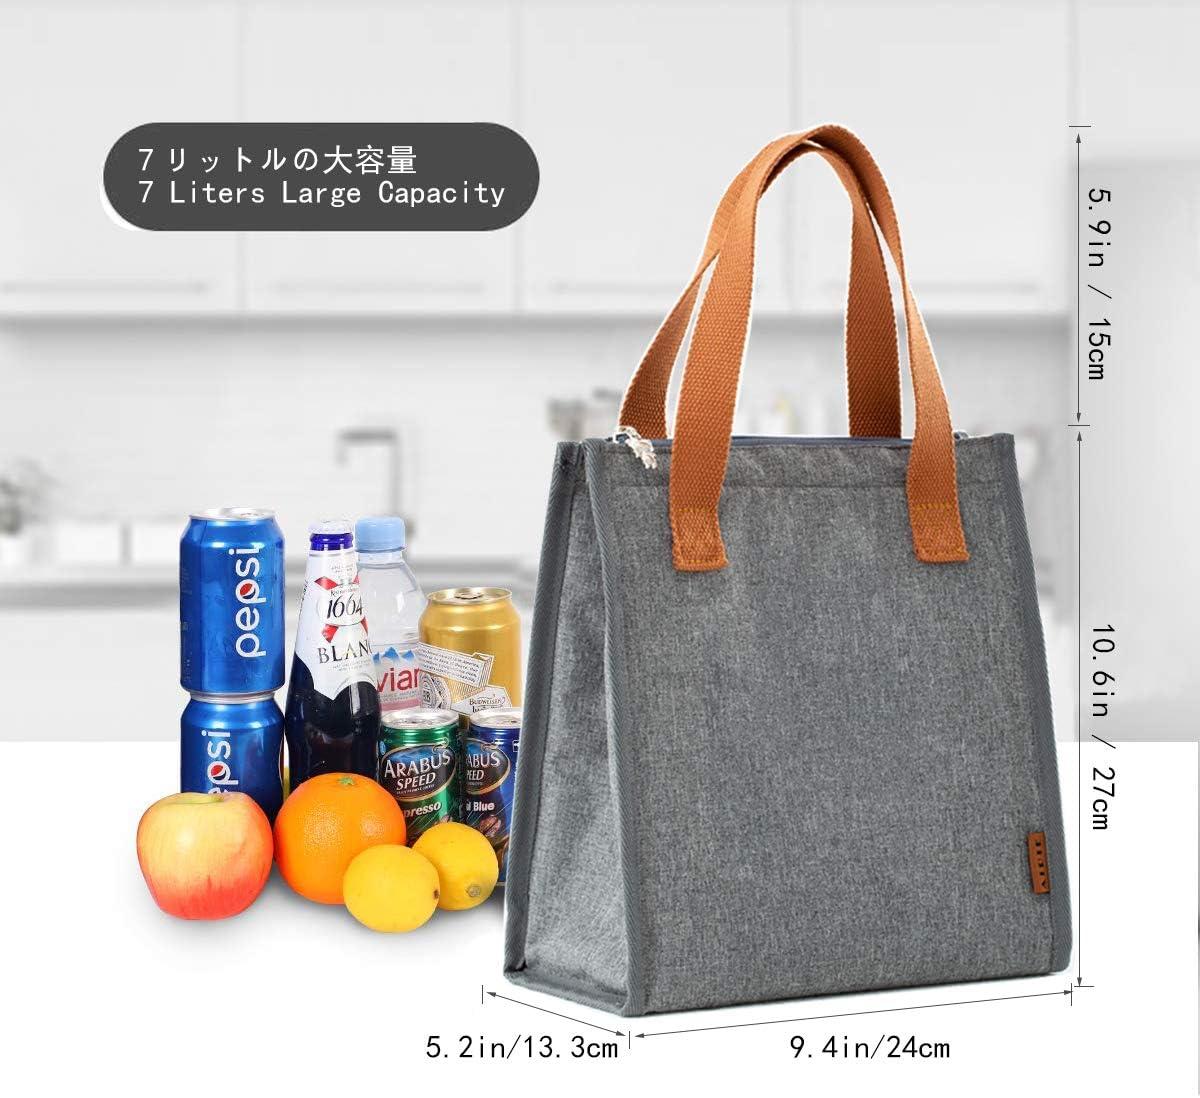 Mujer AIPIE Bolsas T/érmicas Bolsa de Picnic Reutilizable Bolsa del Almuerzo para Caja de Almuerzo para Bebidas Aperitivos Paquete de Alimentos Bolsa Aislada Comida para Hombre